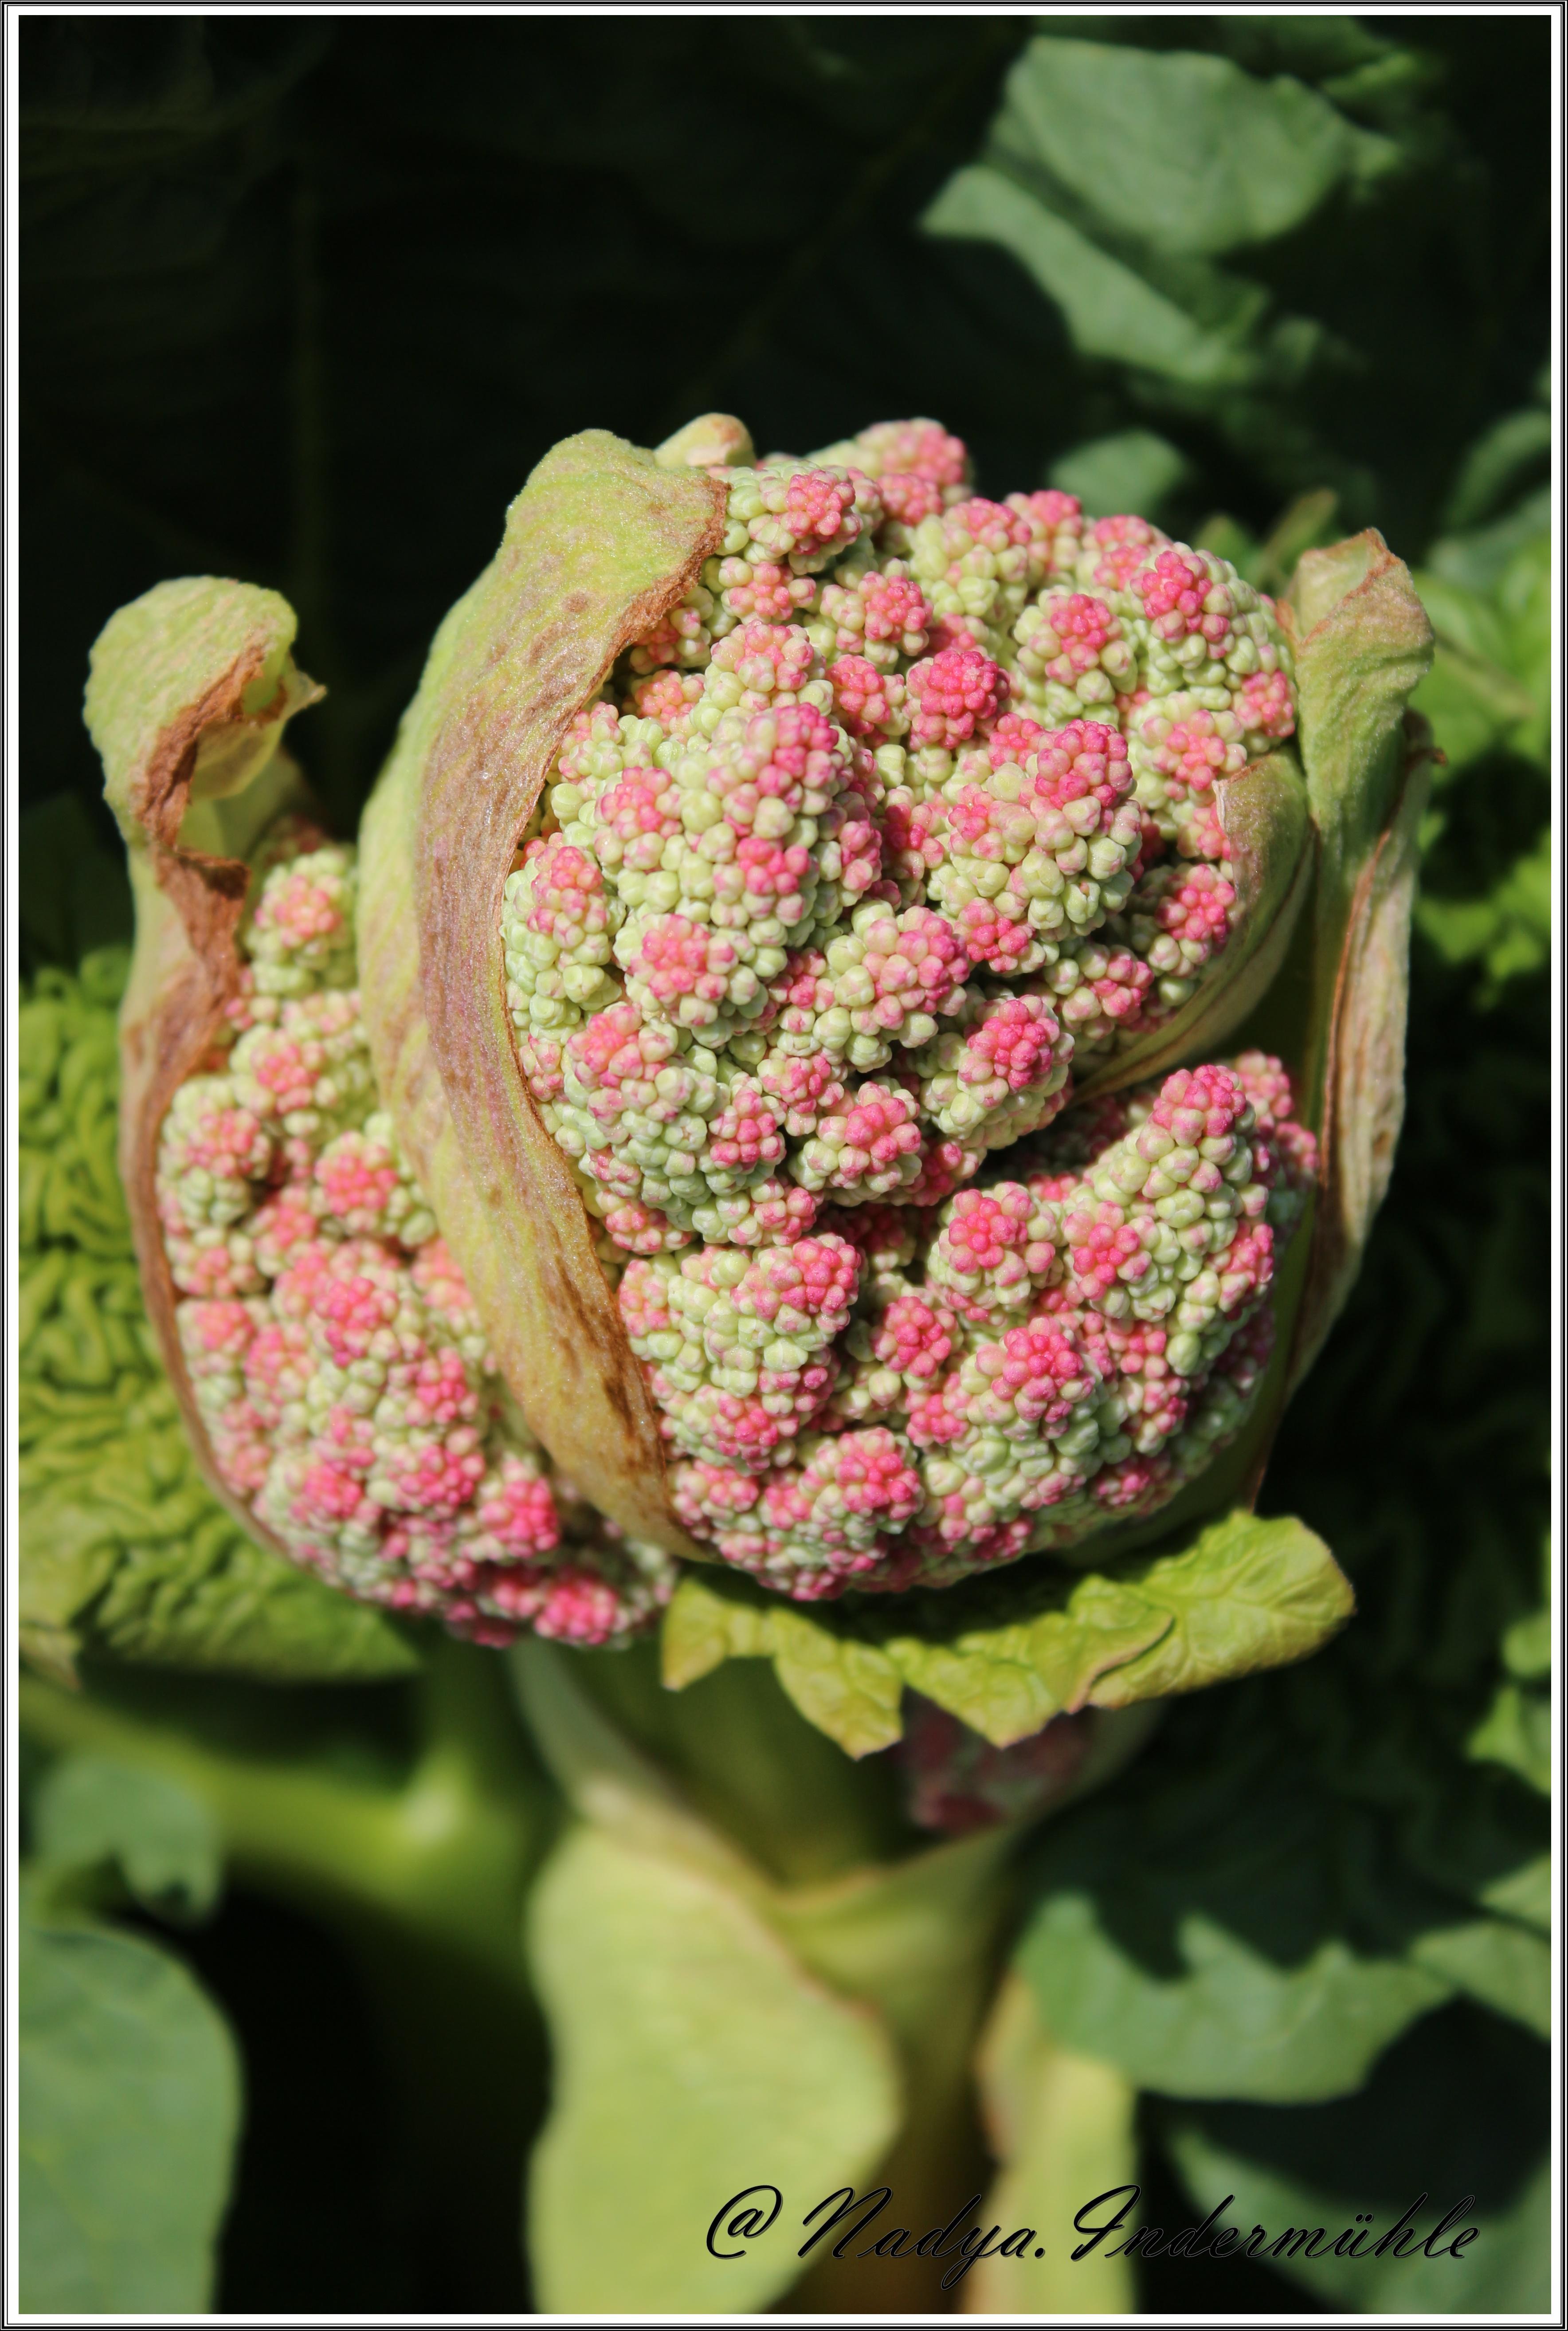 Fleur De Rhubarbe La Photo Ma Passion